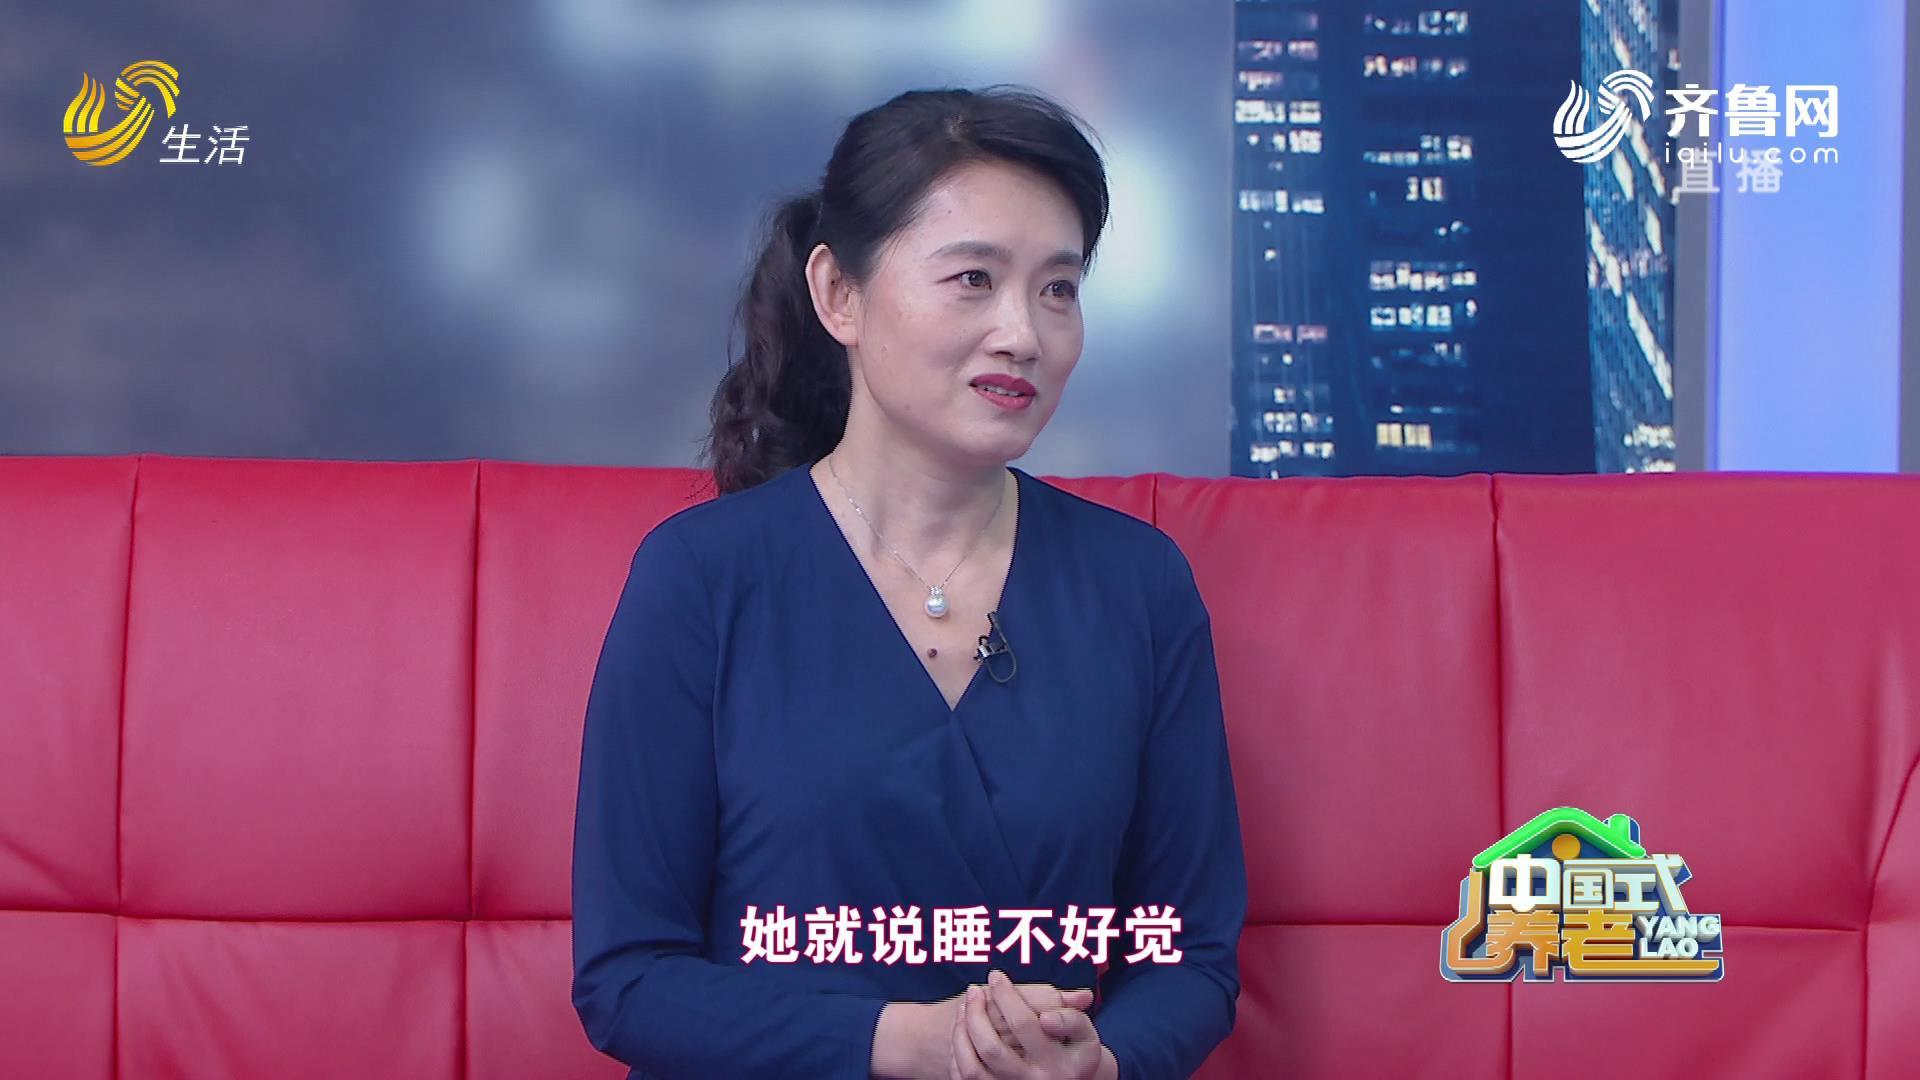 中国式养老-二胎时代 老年人易发心理问题 如何缓解紧张情绪